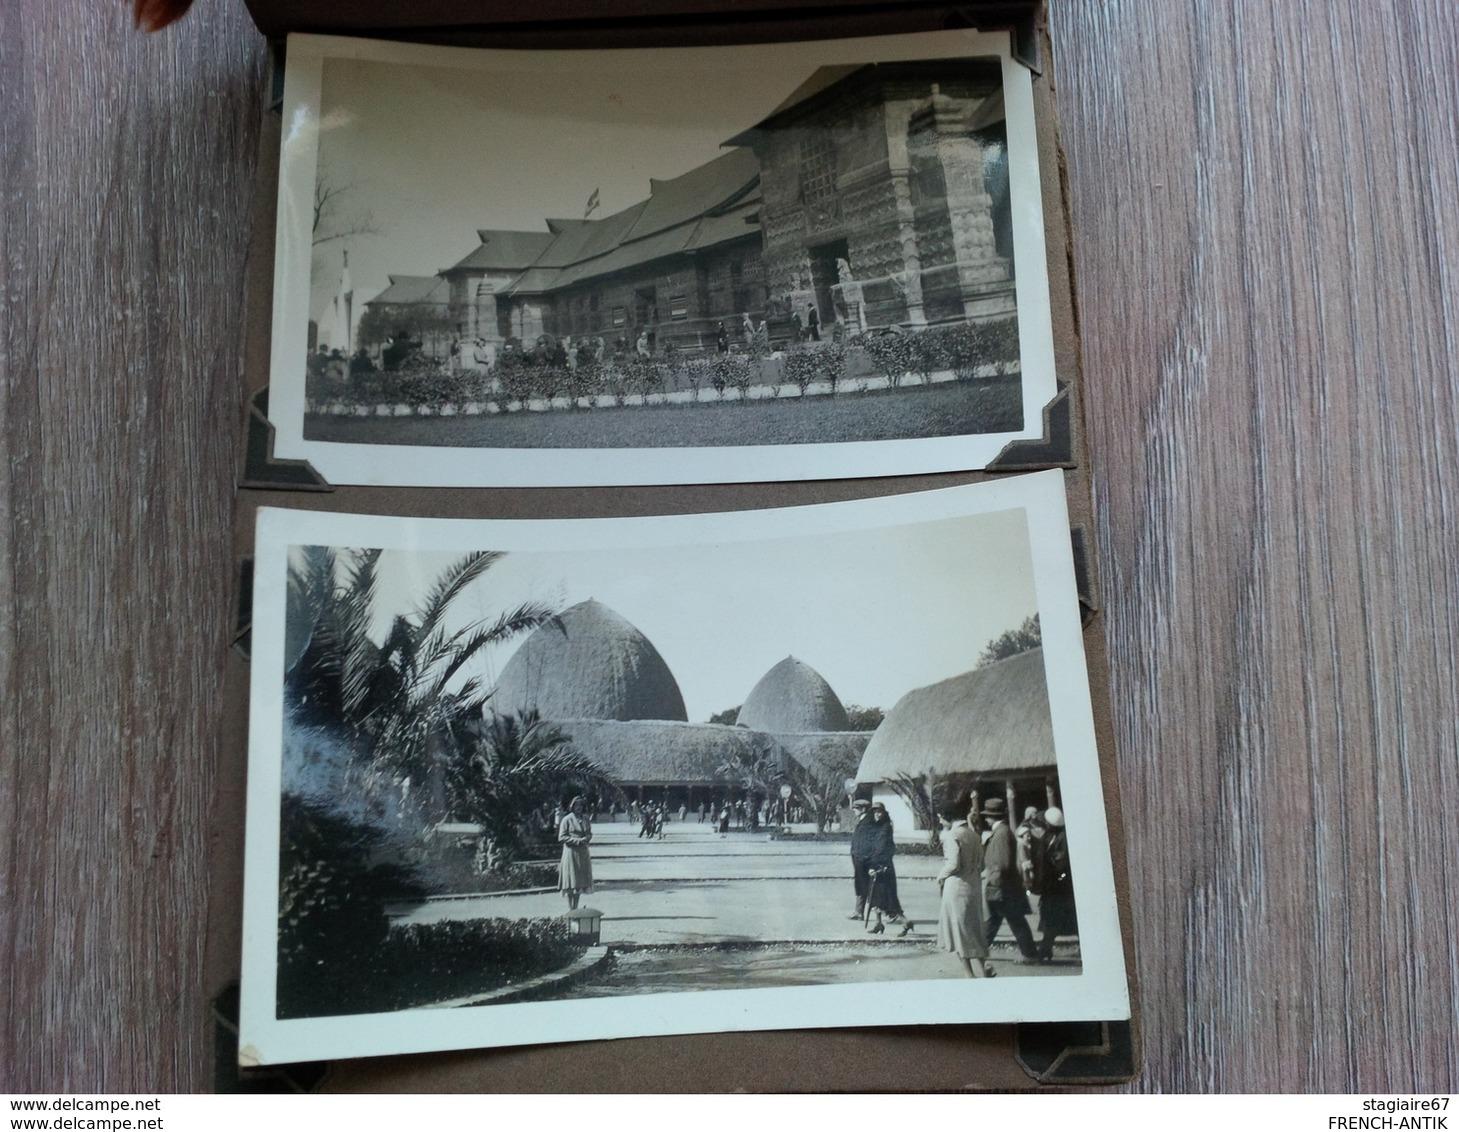 ALBUM PHOTO EXPOSITION COLONIALE PARIS 1931 PHOTO AMATEUR - Albums & Collections